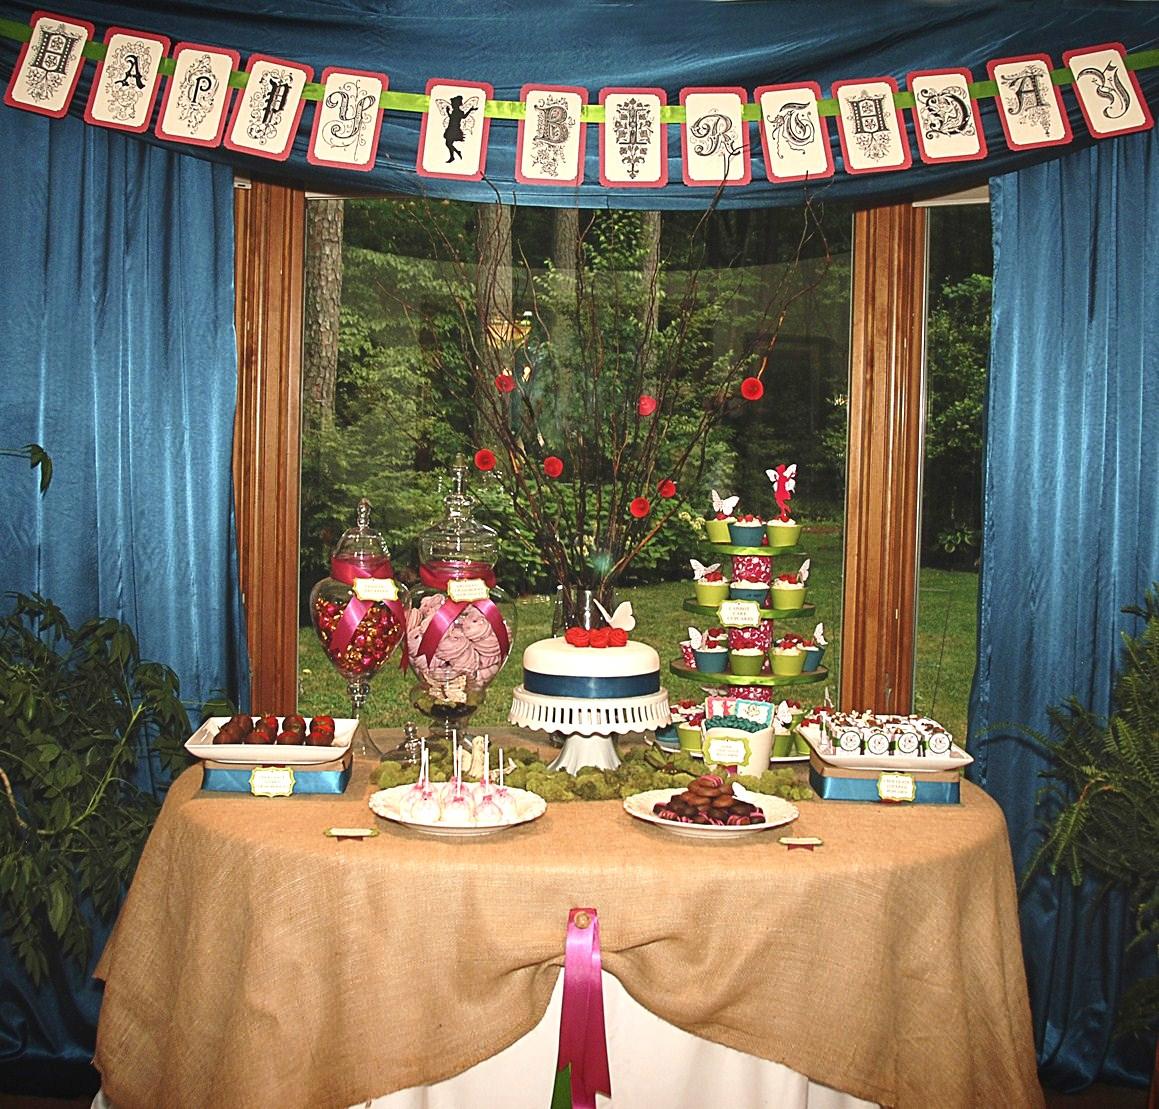 Fairy Birthday Party Ideas On Pinterest